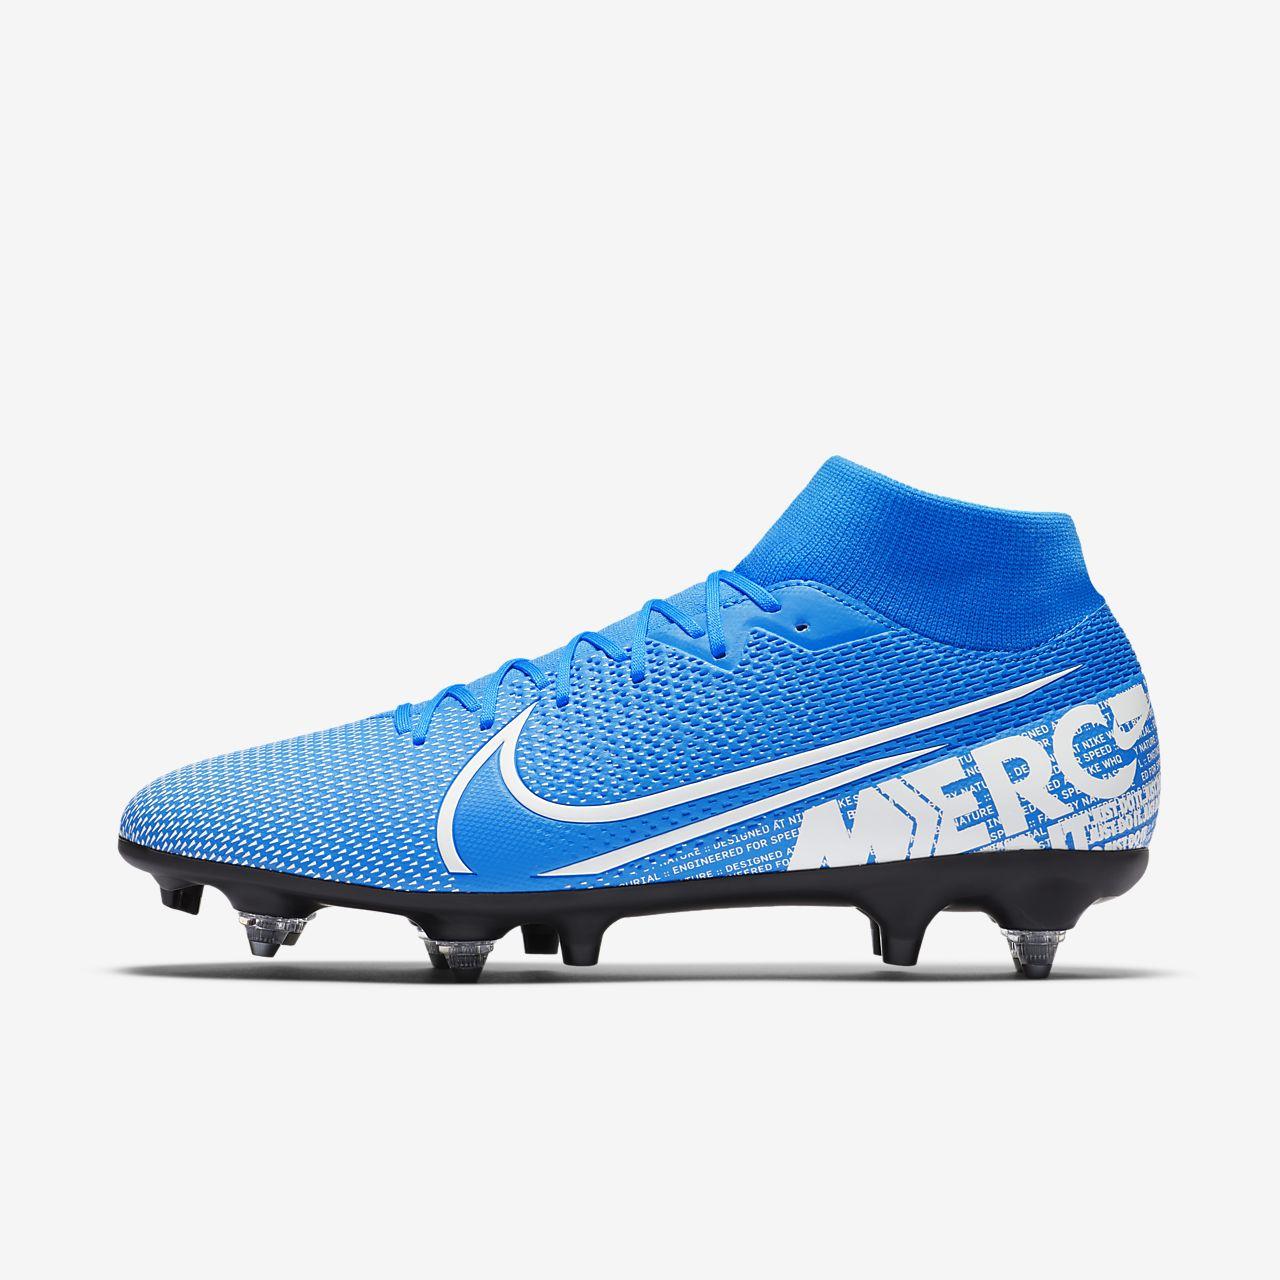 Ποδοσφαιρικό παπούτσι για μαλακές επιφάνειες Nike Mercurial Superfly 7 Academy SG-PRO Anti-Clog Traction